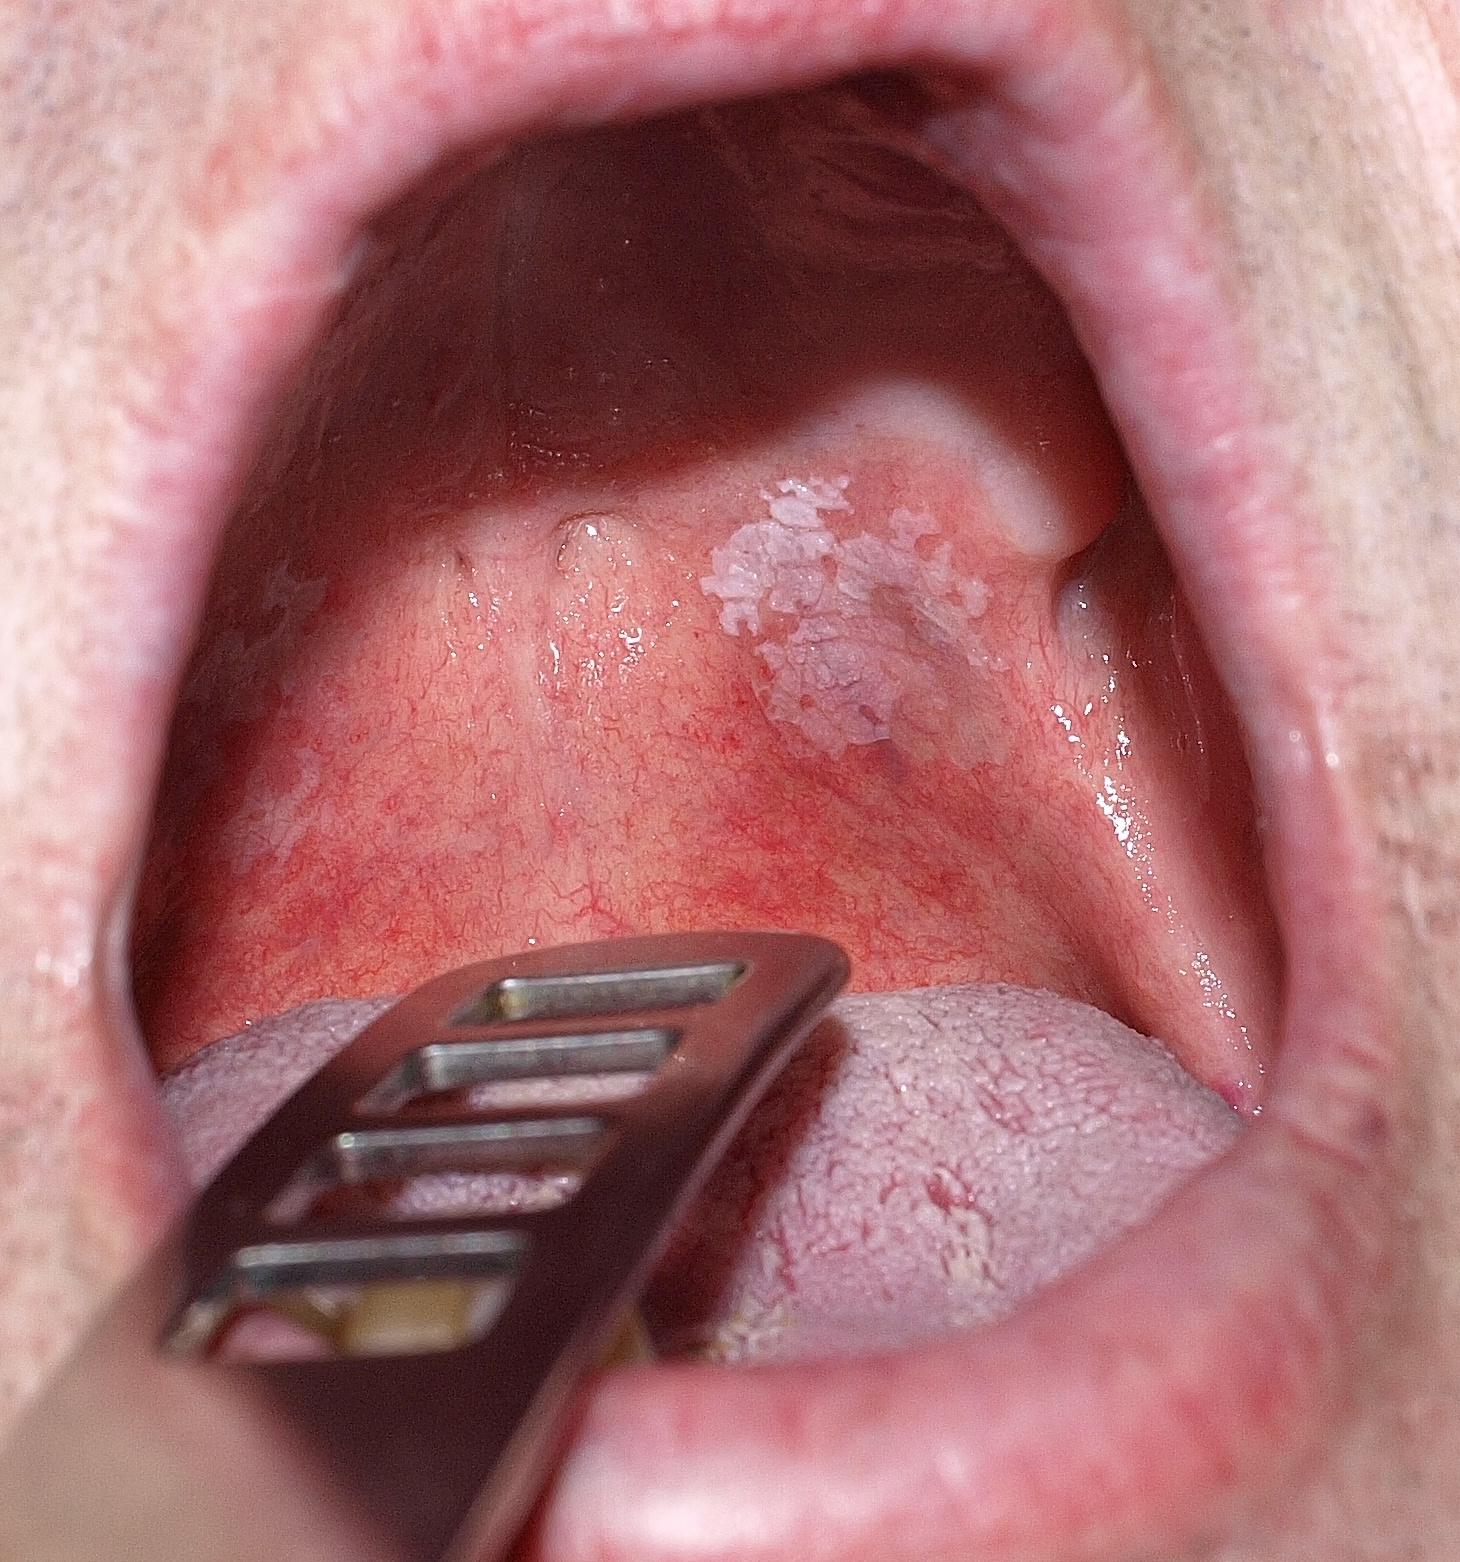 A papilloma tünetei a torokban. A humán papillomavírus és a szájüregi daganatok | carbocomp.hu